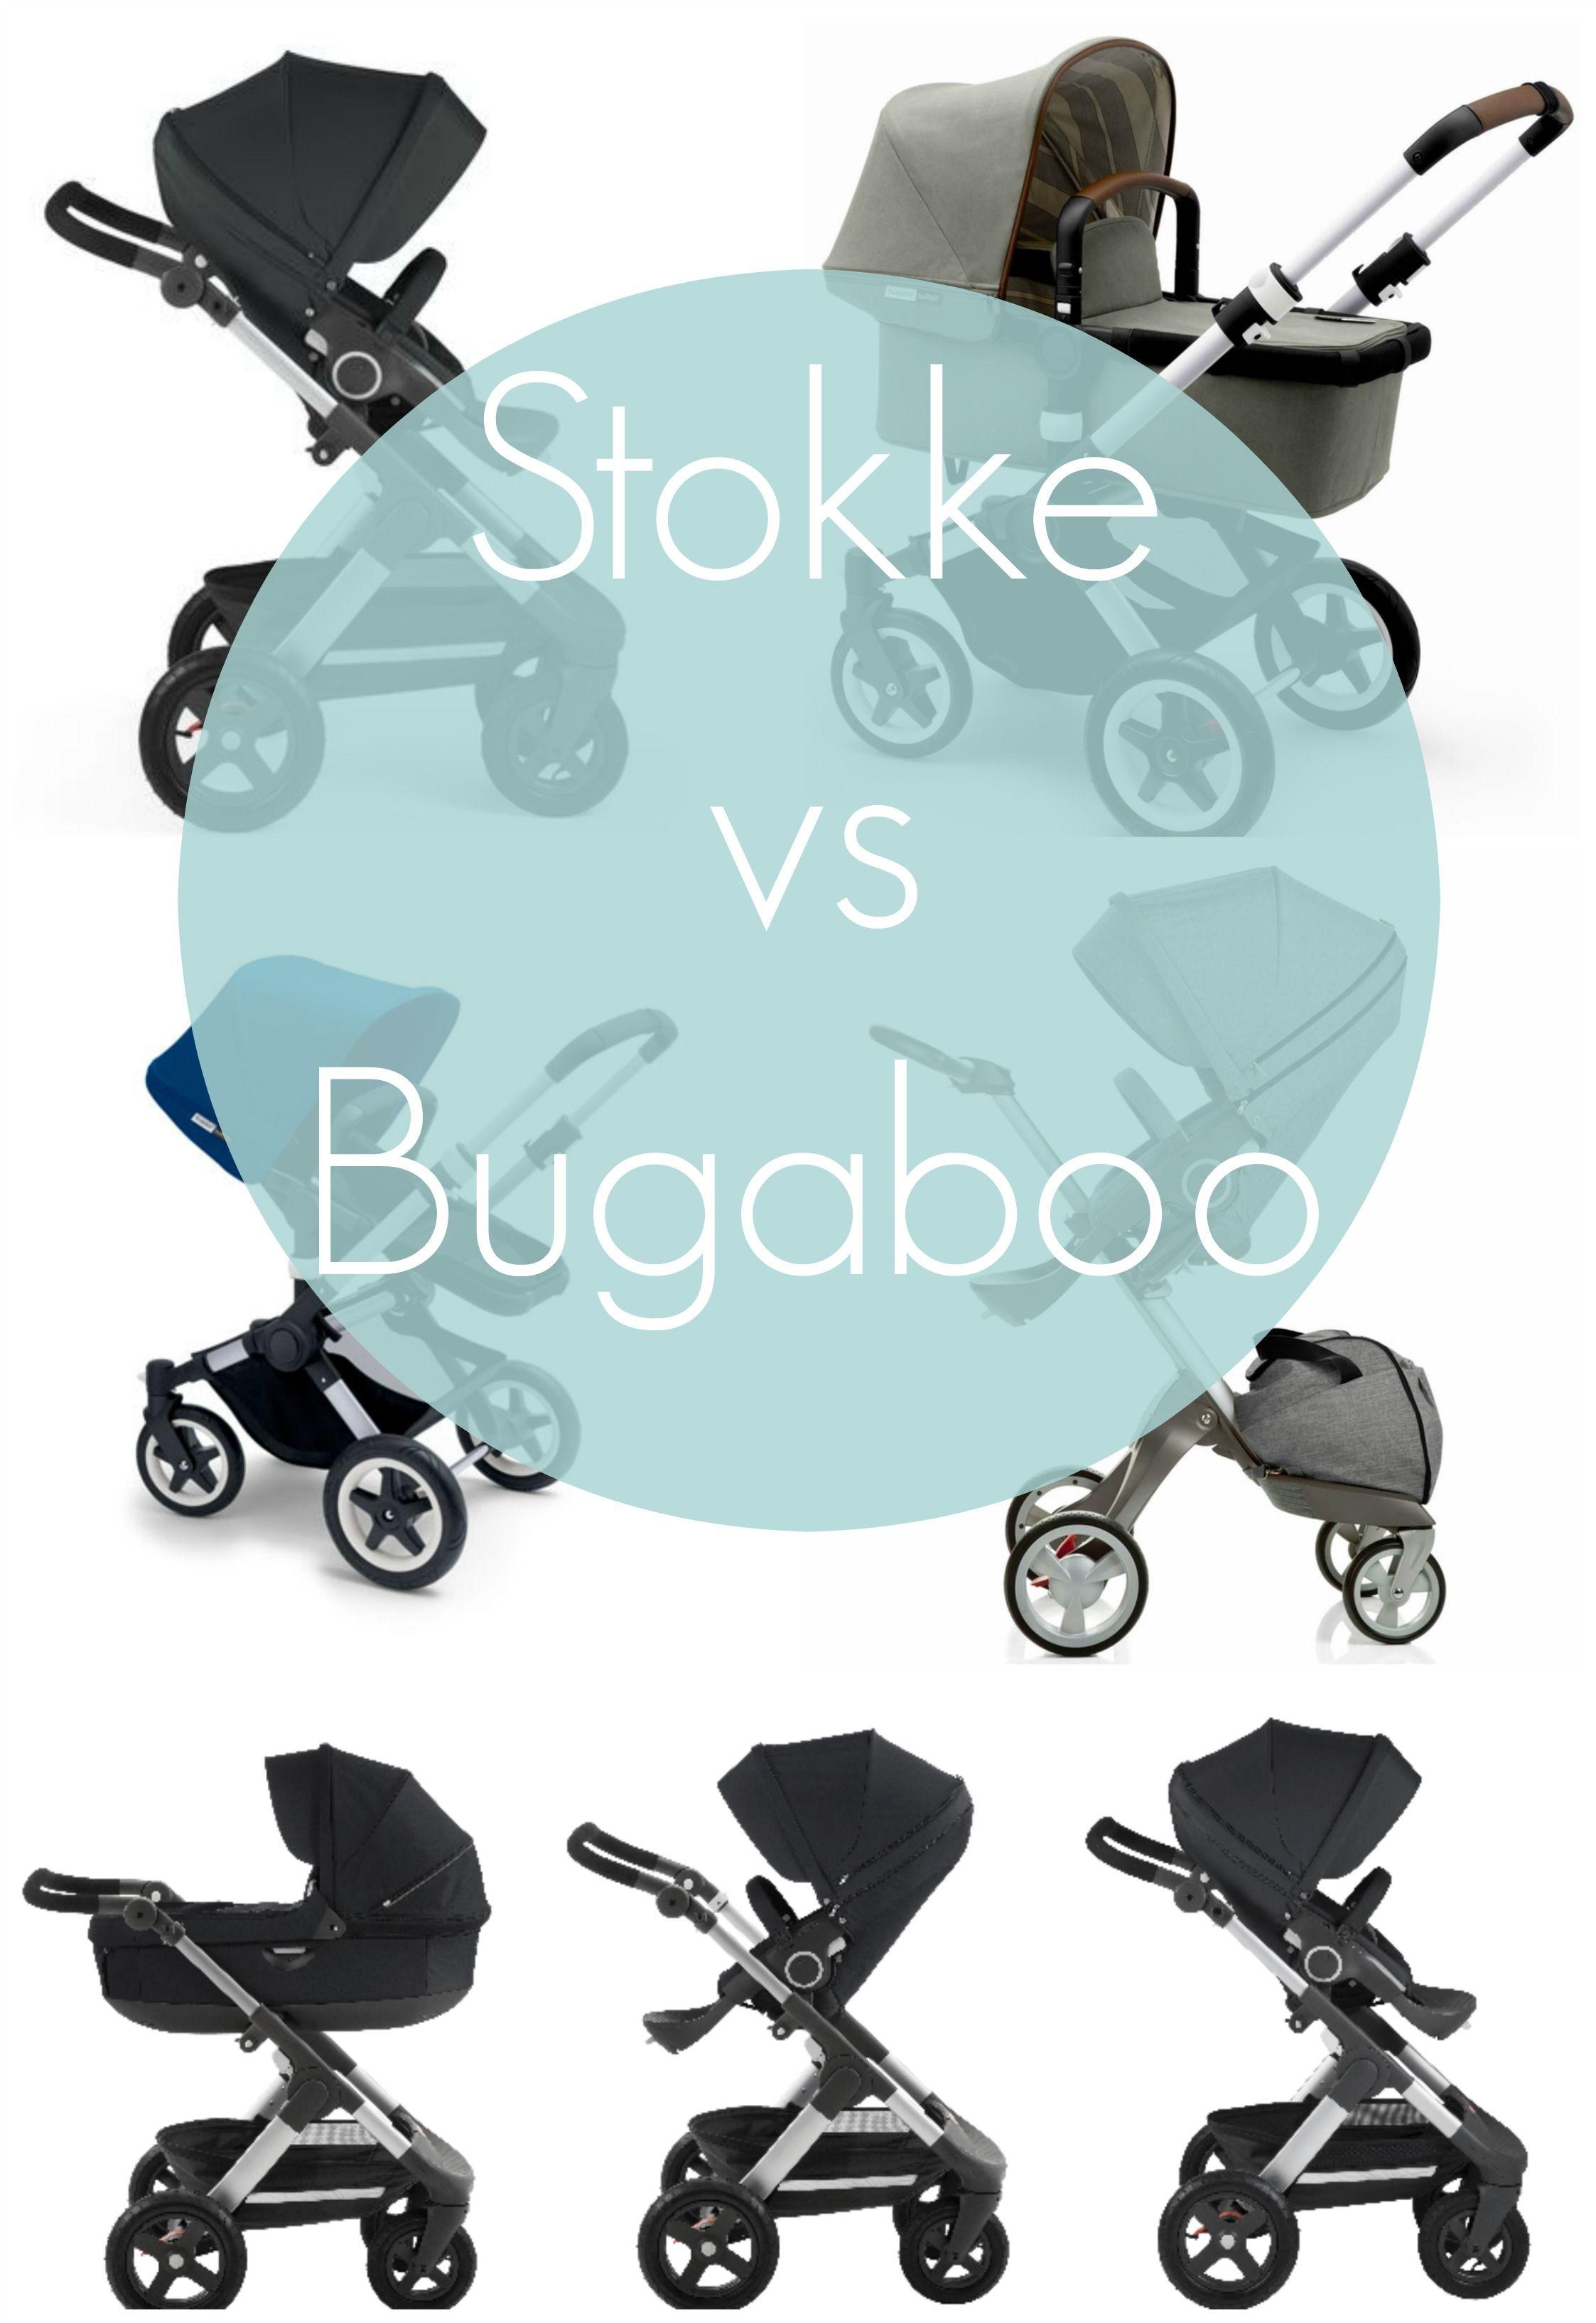 Stokke vs Bugaboo Stroller Review Bugaboo, Bugaboo